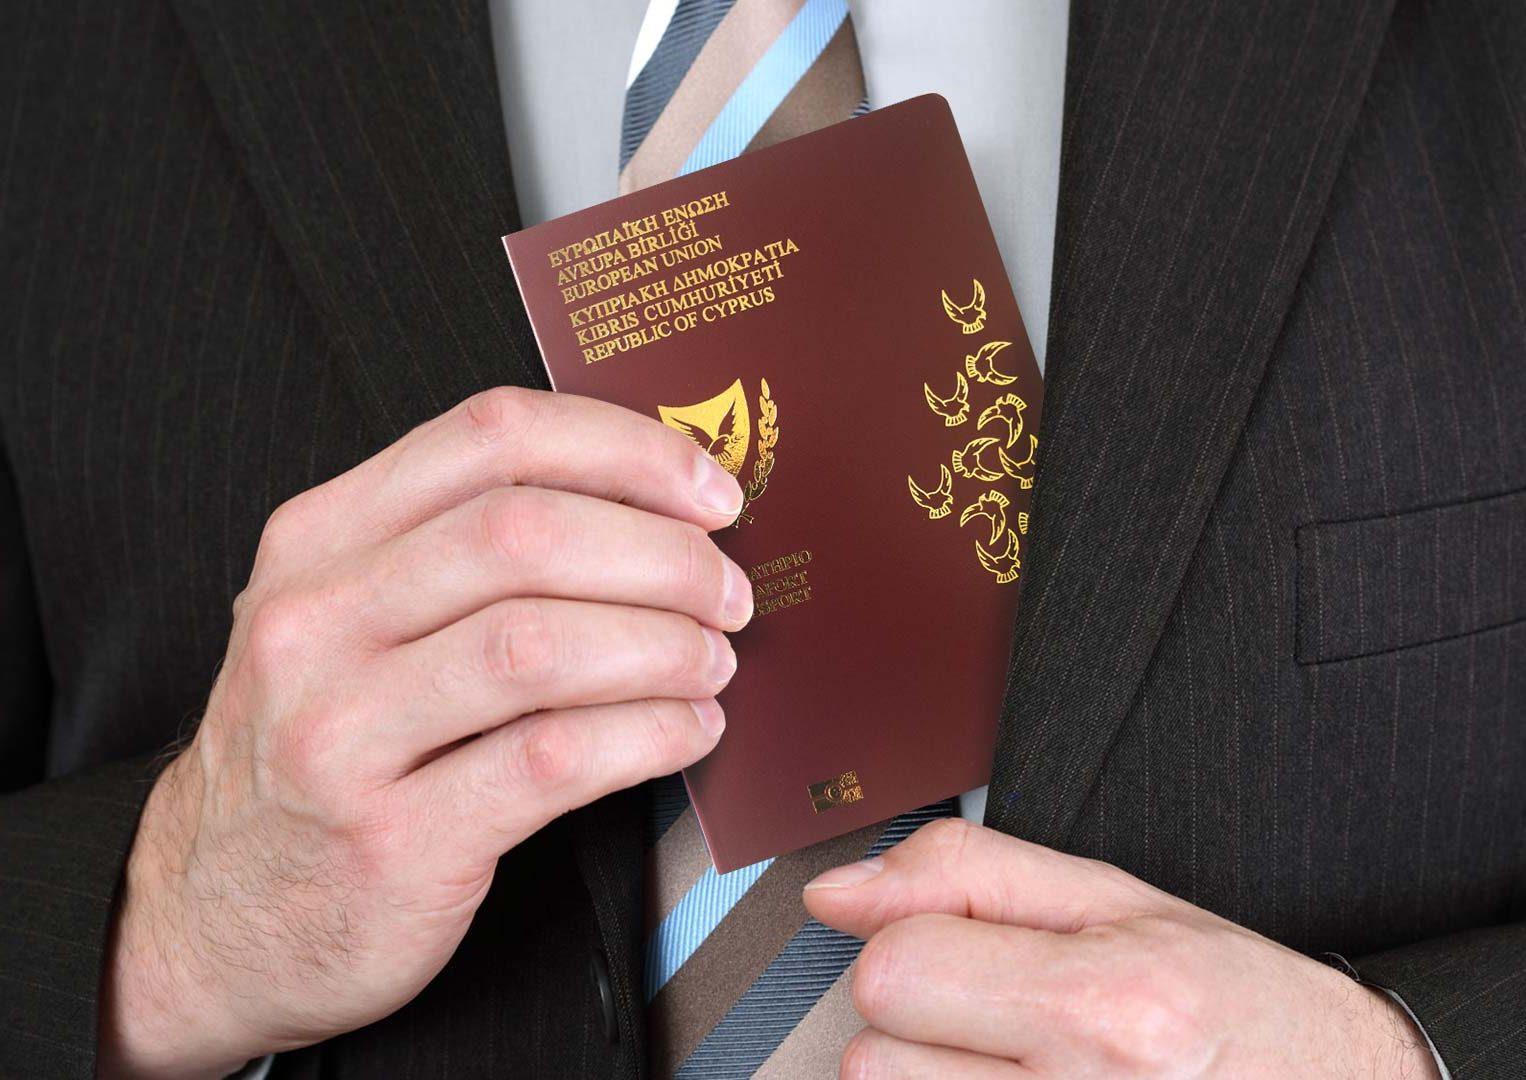 Cyprus to scrap current passport investment scheme – cabinet